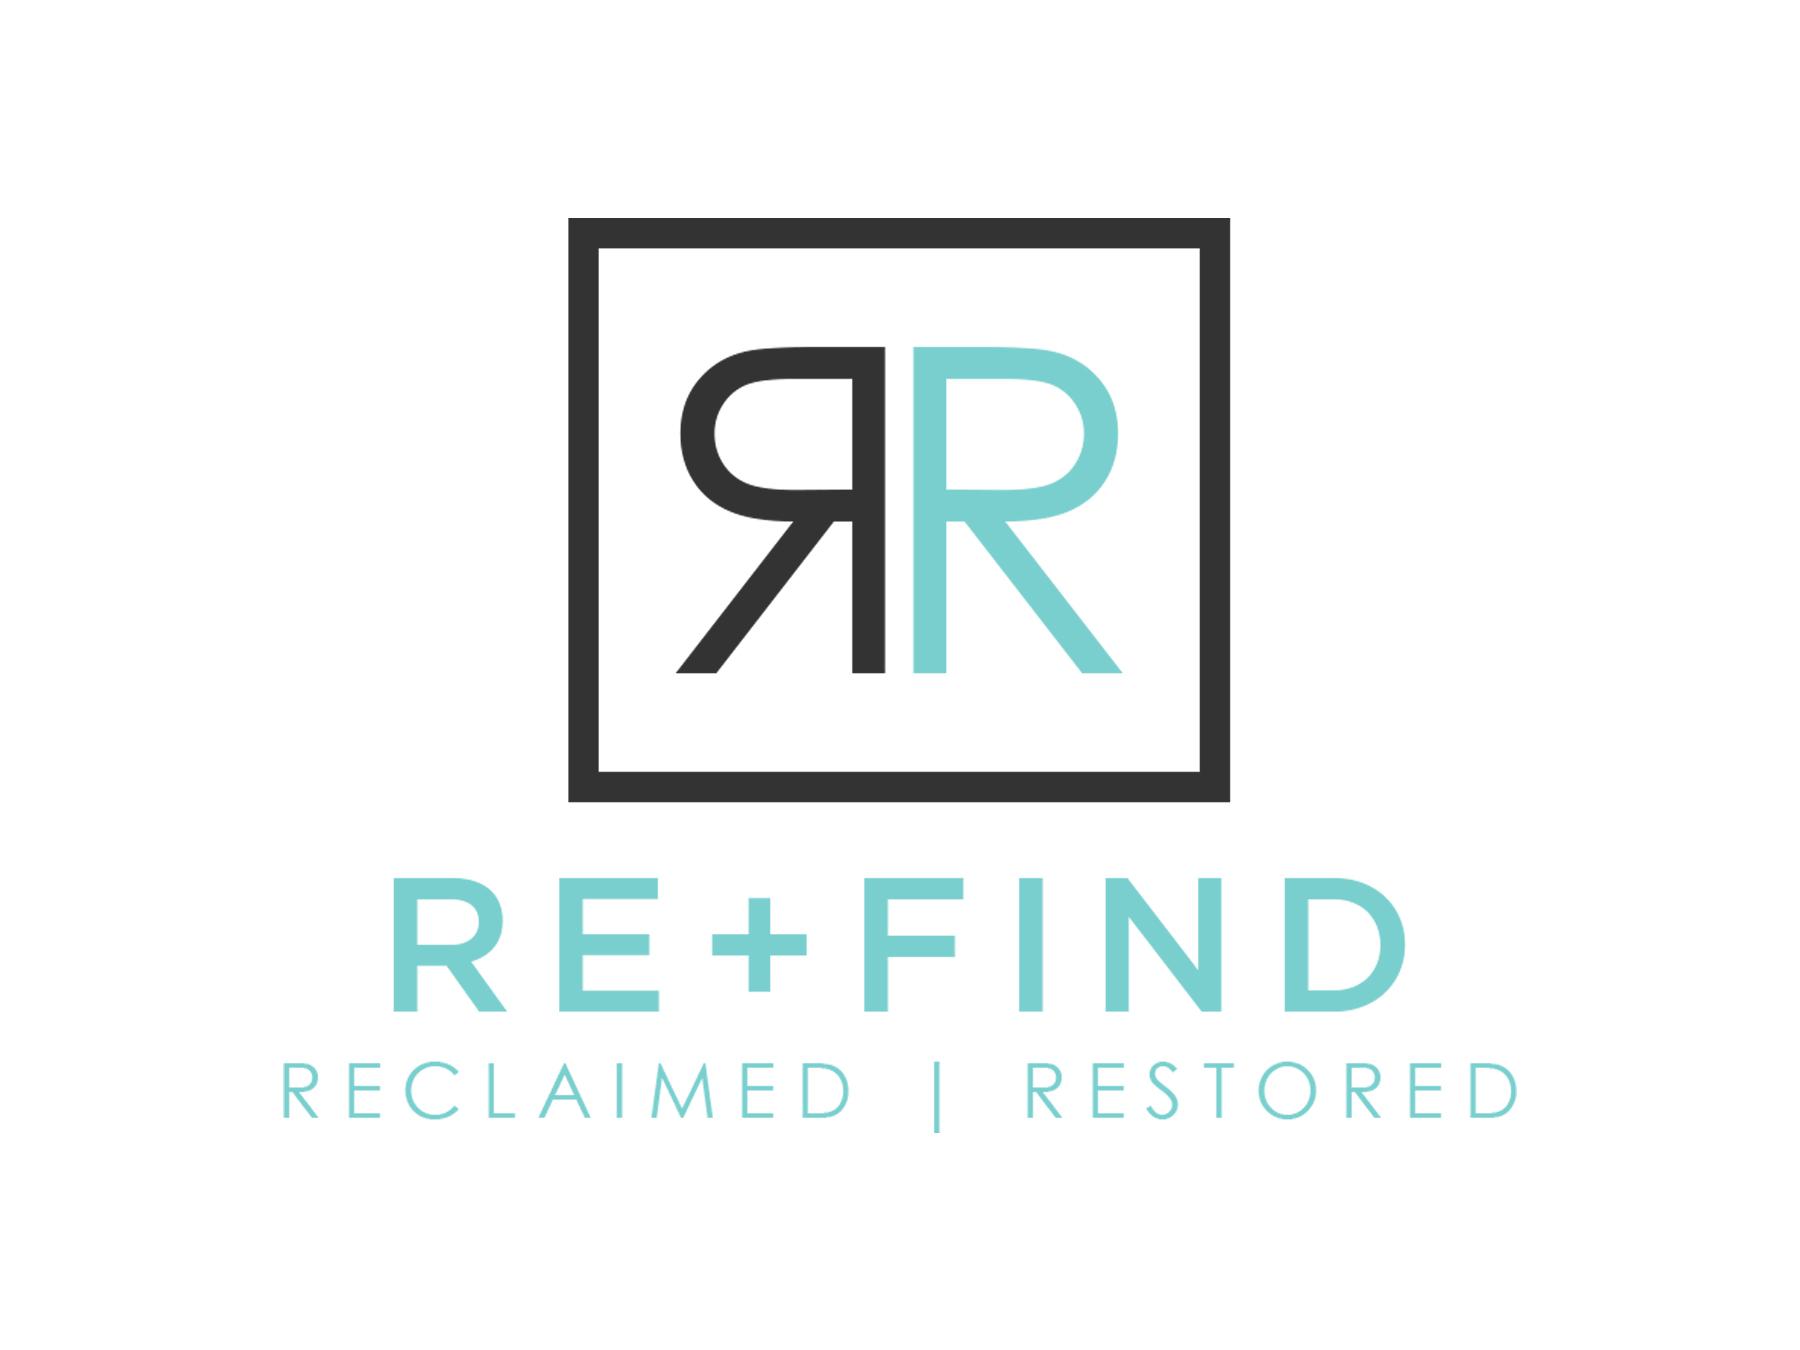 REFIND.jpg